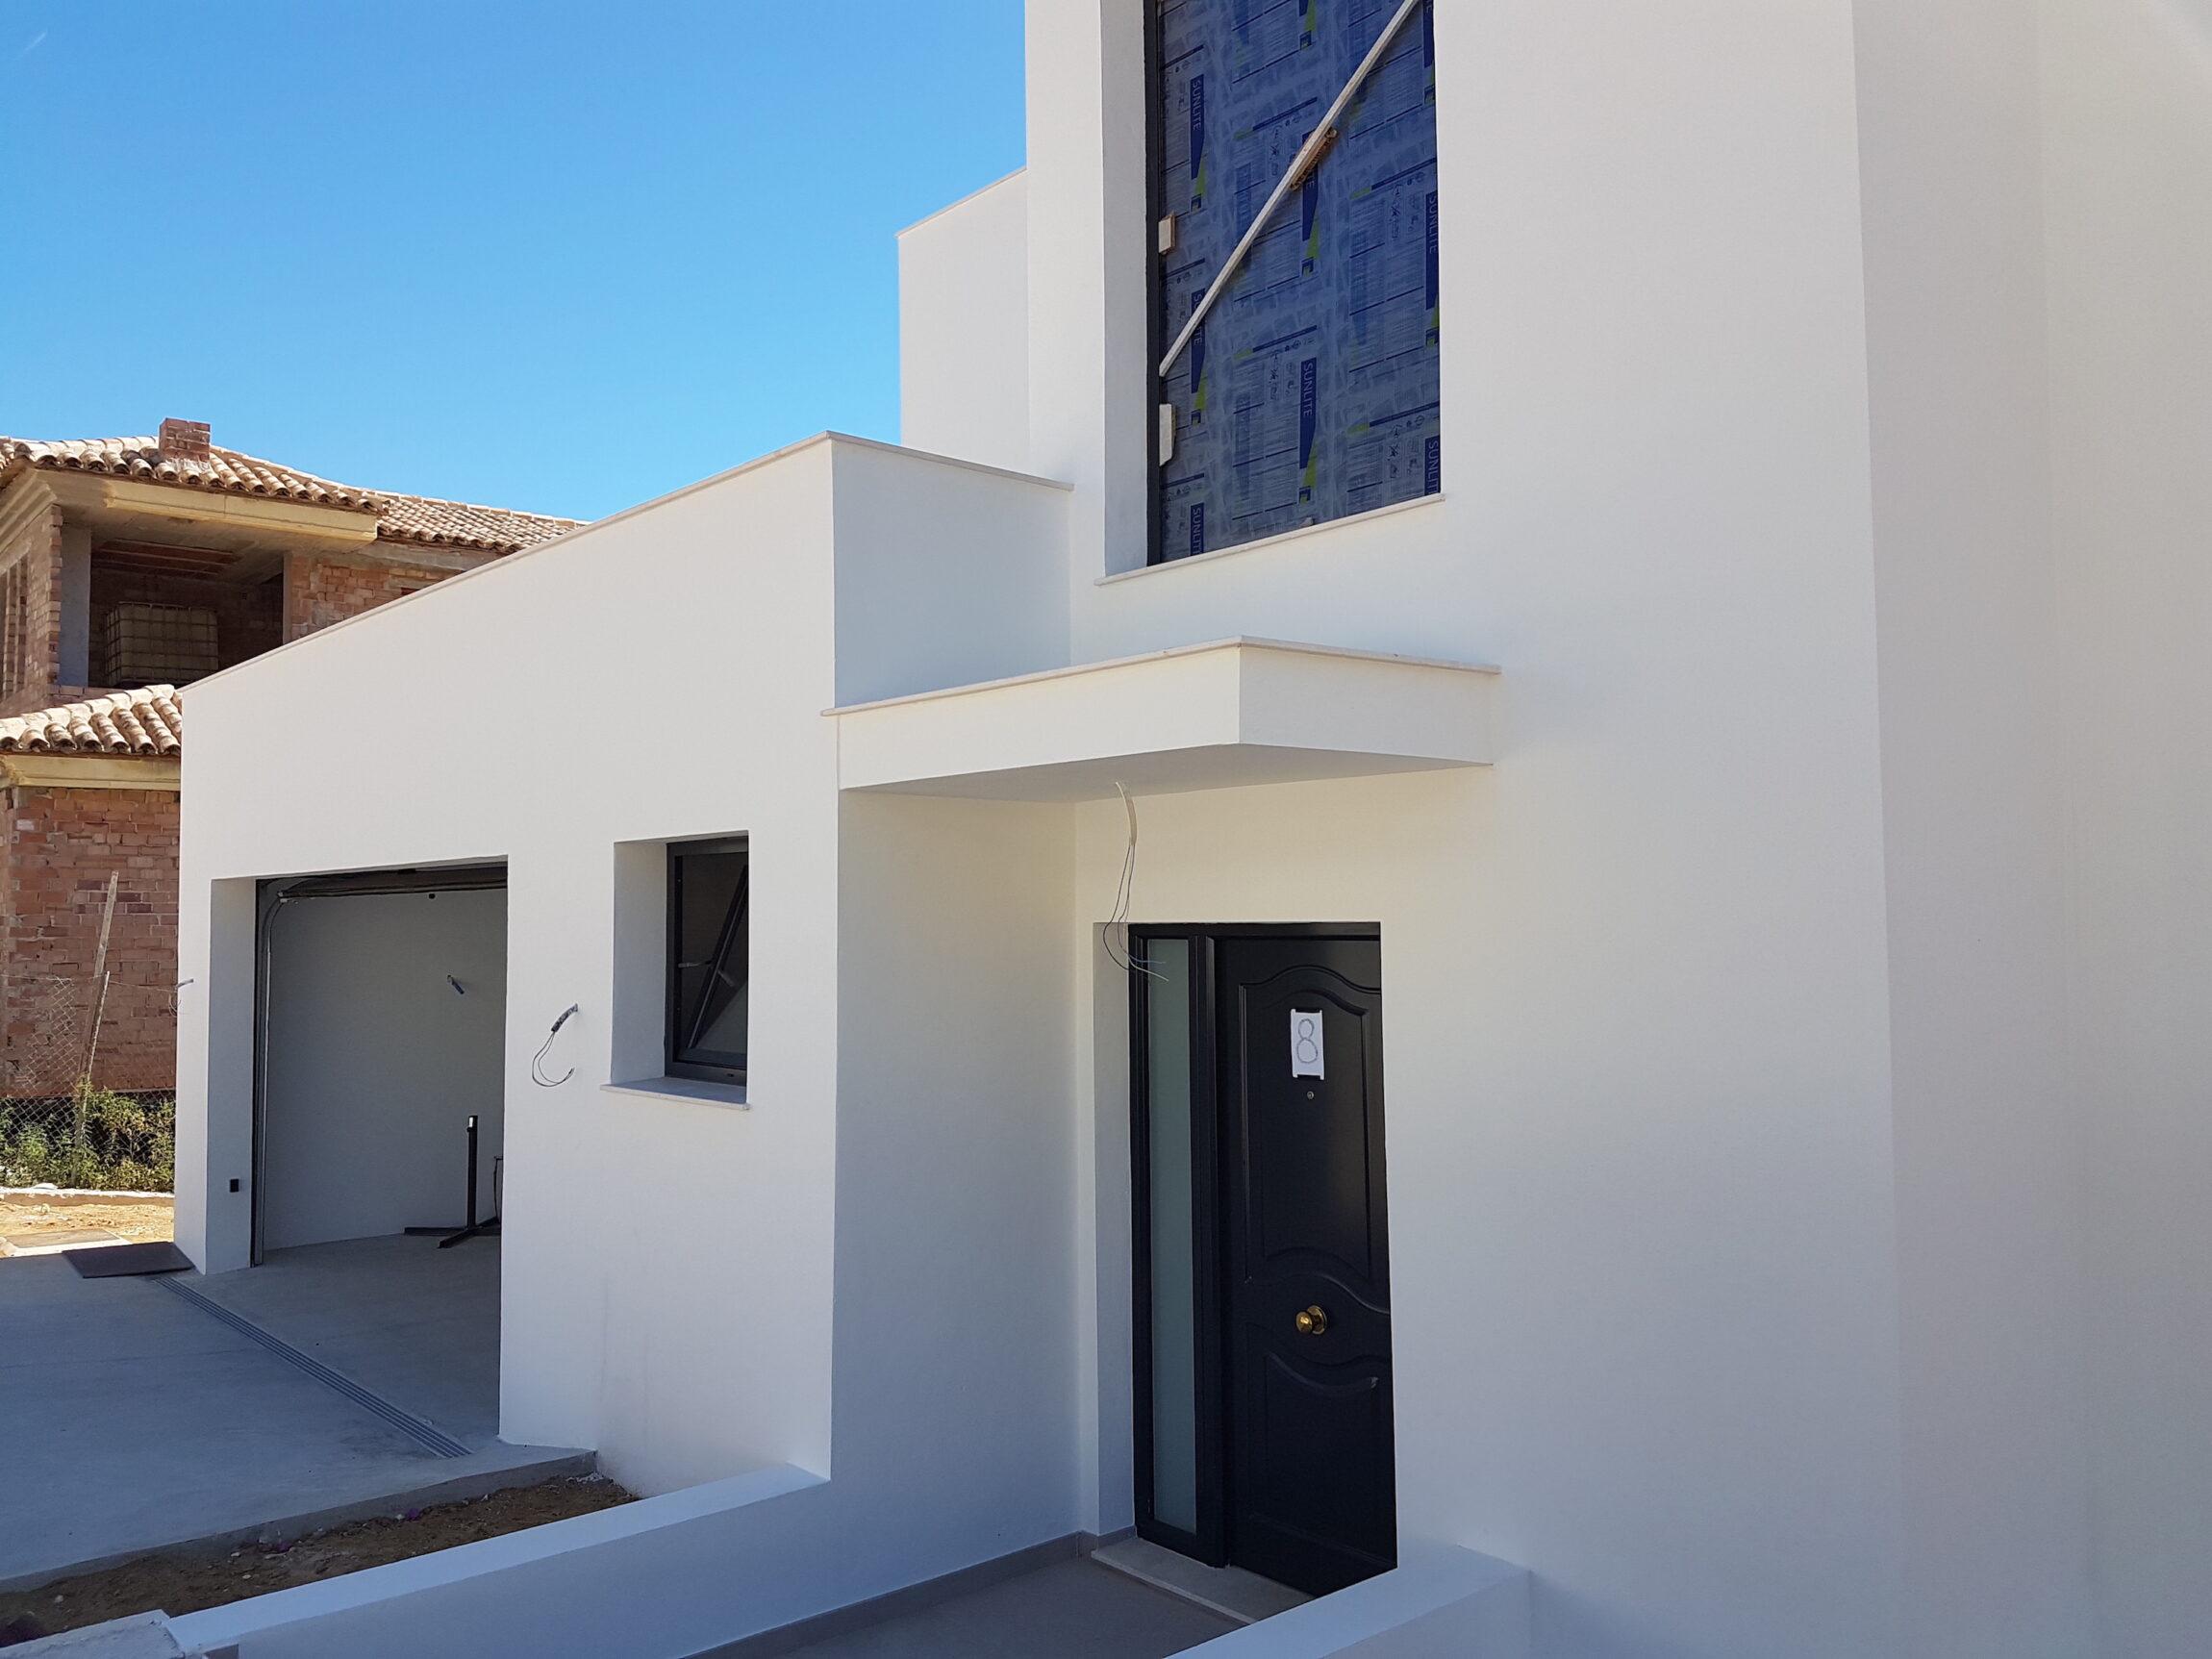 Vivienda unifamiliar construida en mijas costa con sistema for Coste construccion vivienda unifamiliar